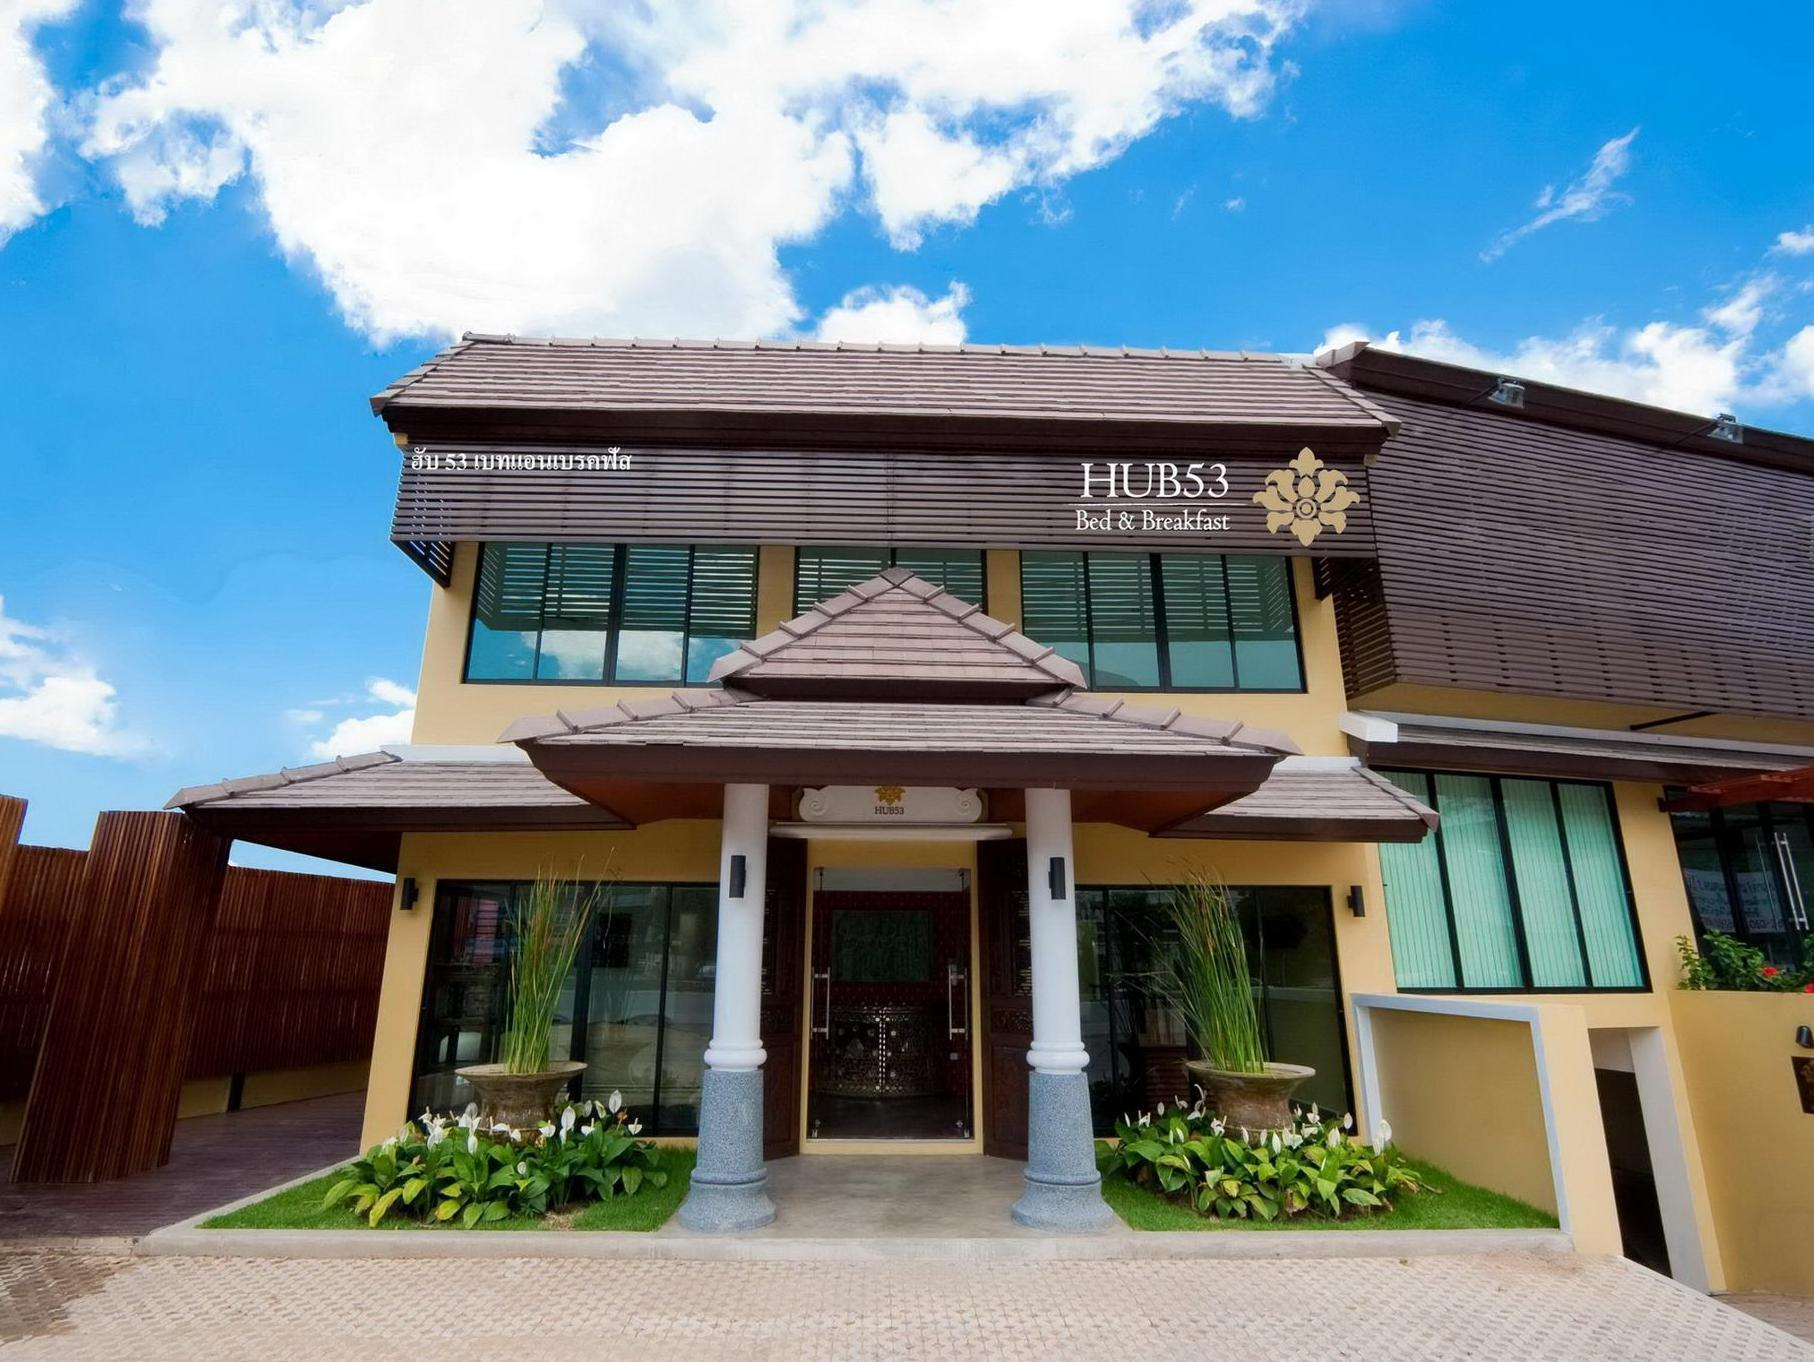 Hub53 Hip Hotel โรงแรมฮับ 53 ฮิป